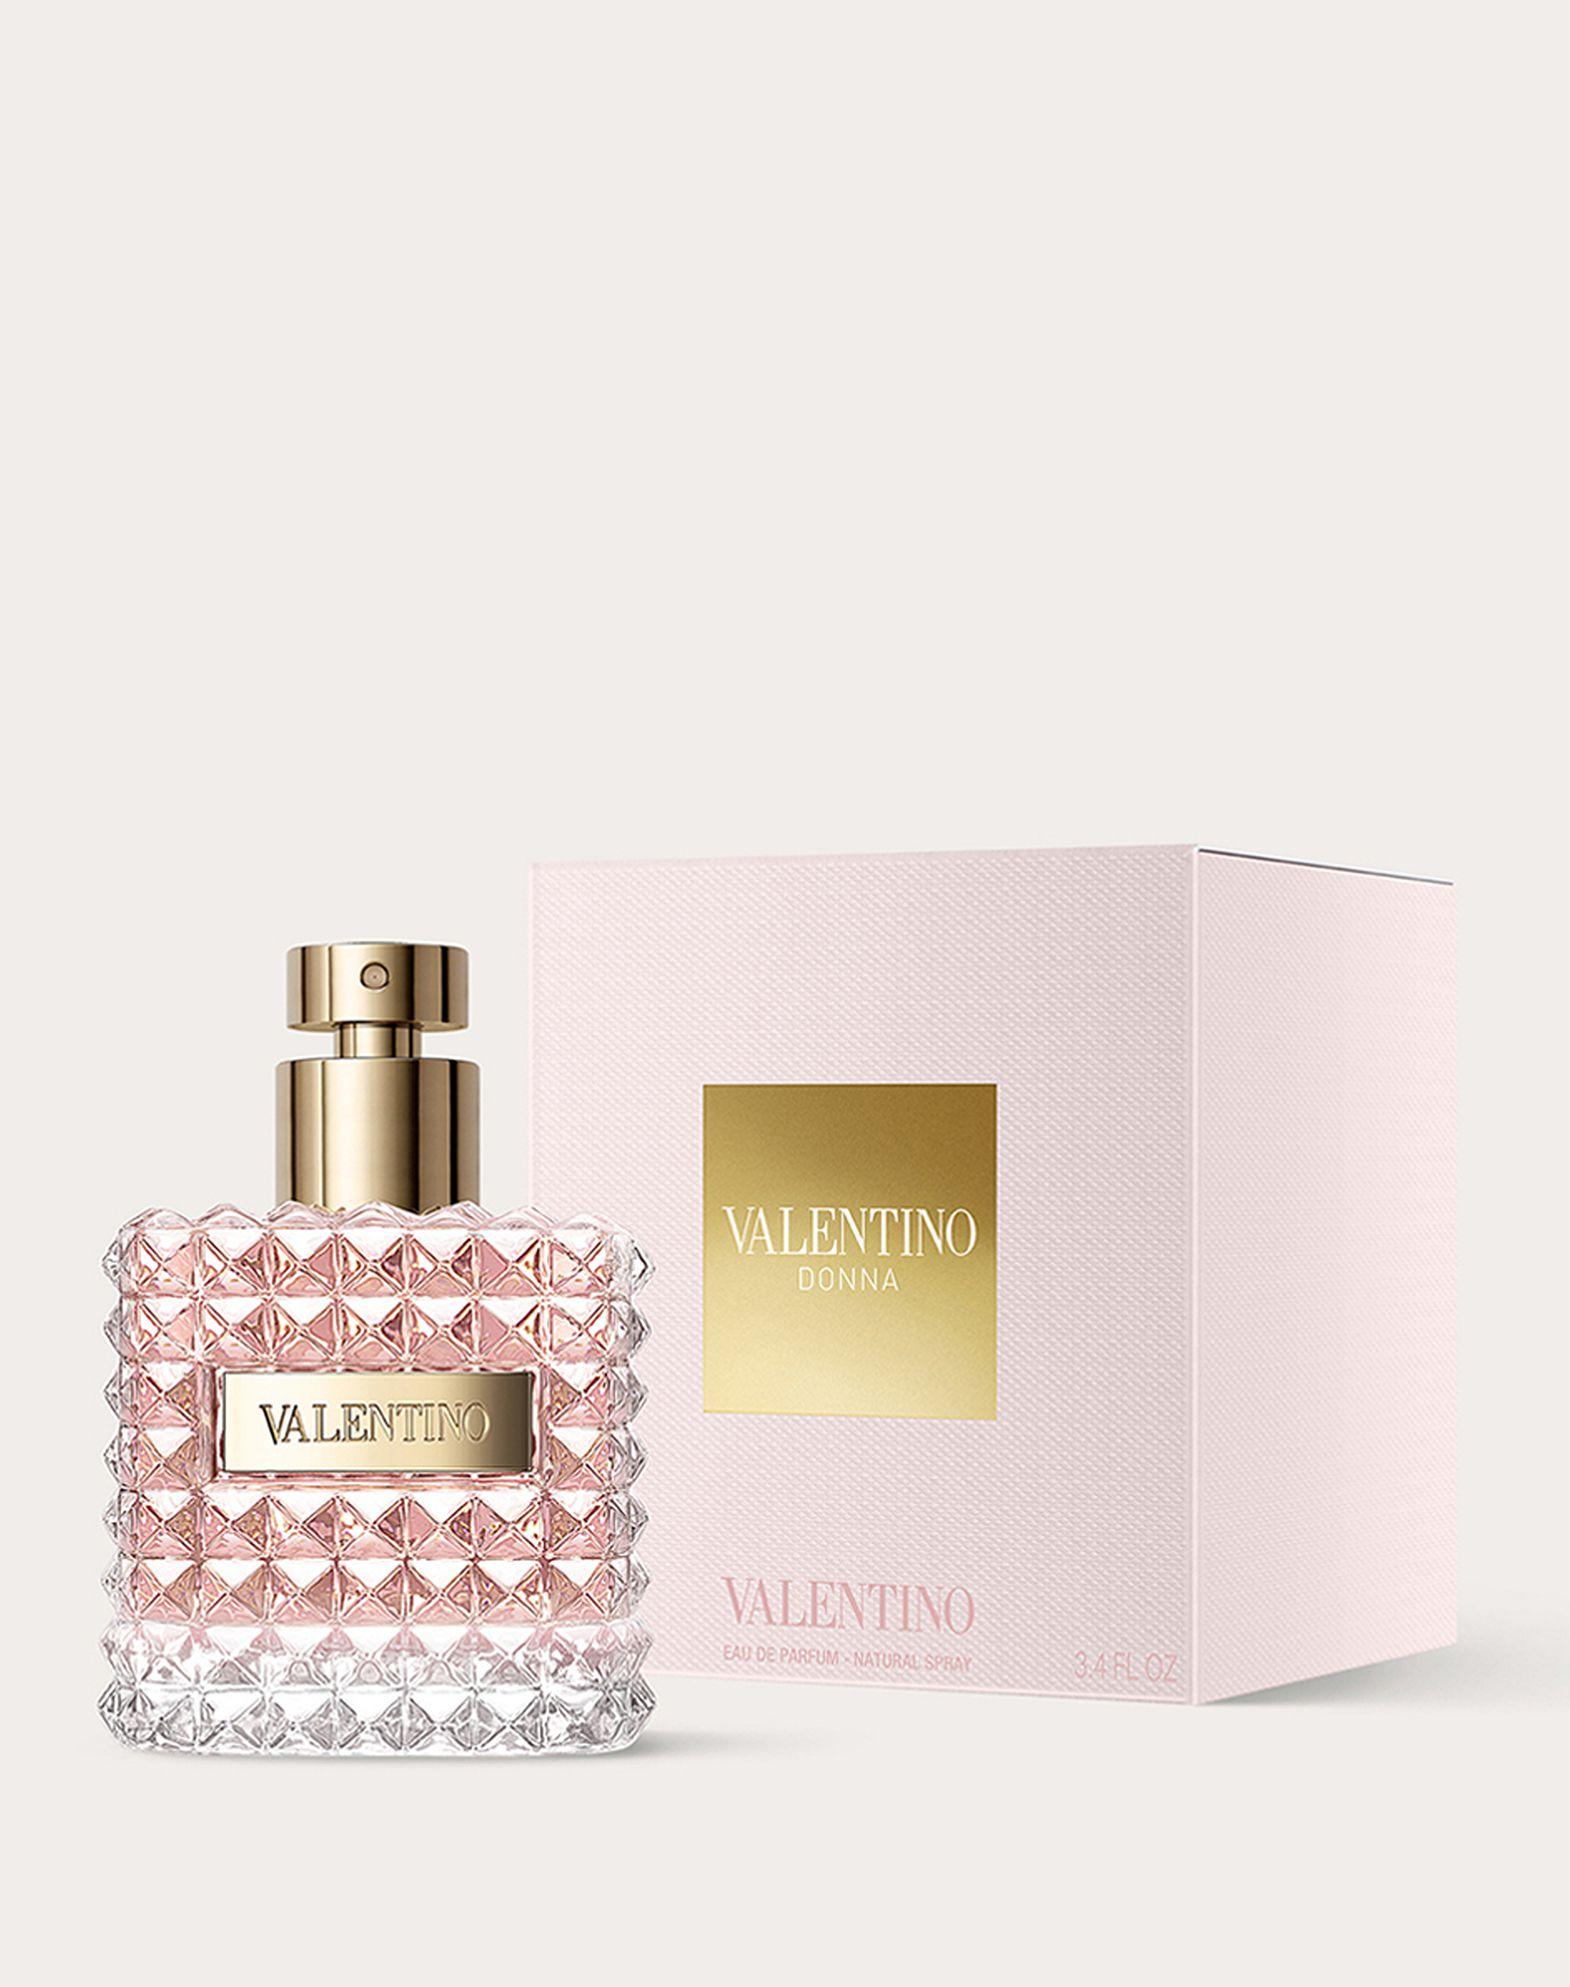 VALENTINO Logo  62000813tw